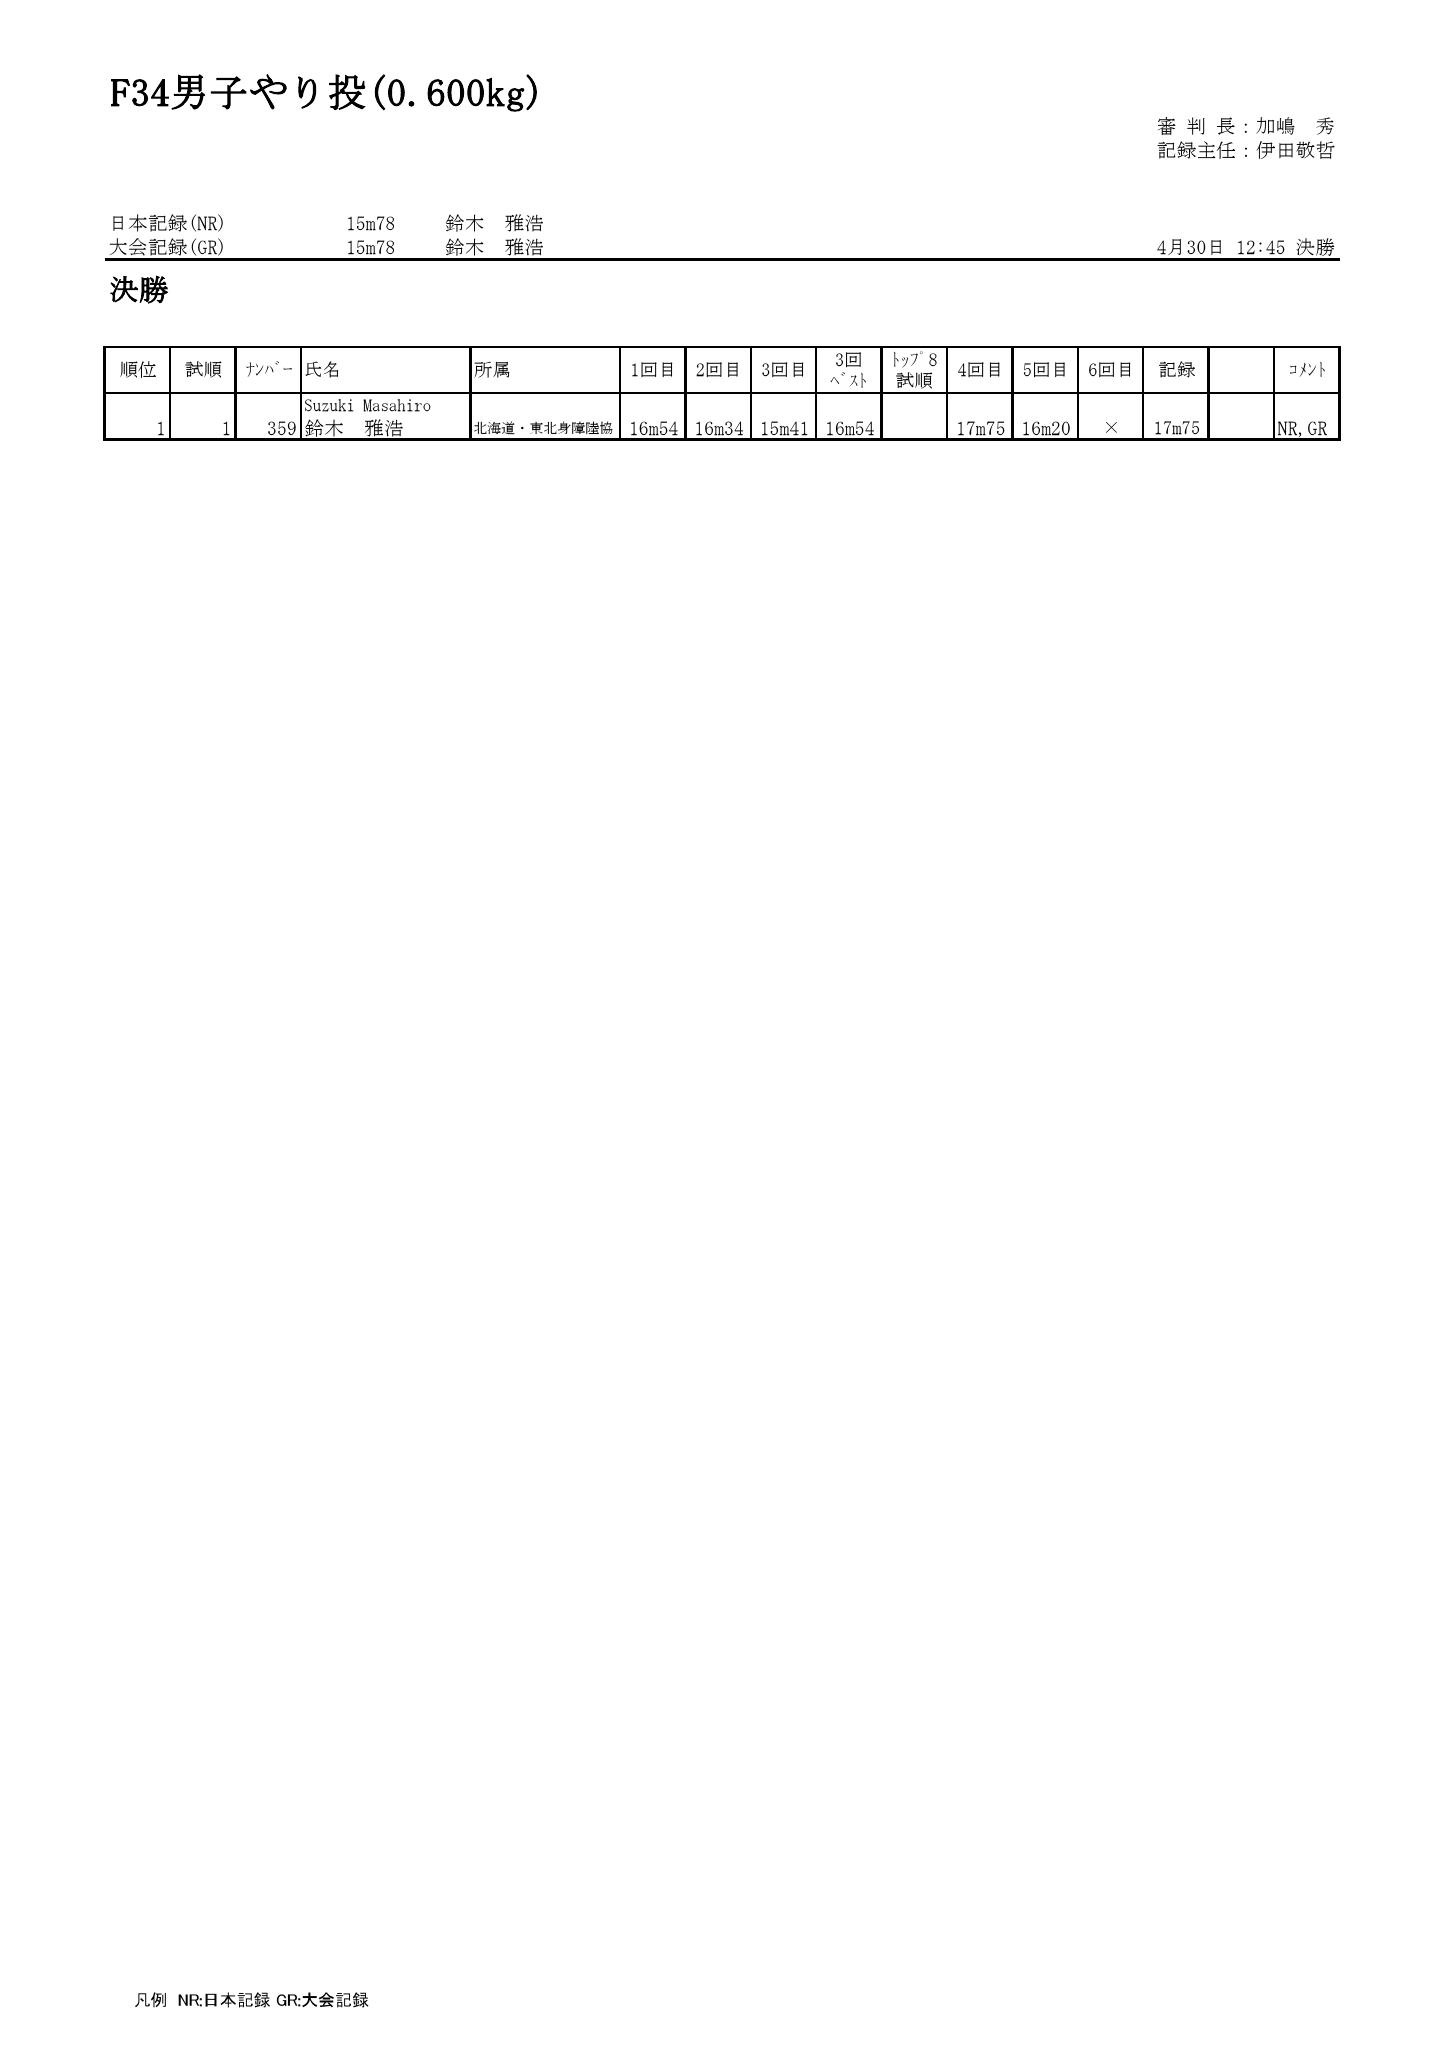 69F34男子やり投(0.600kg)_000001